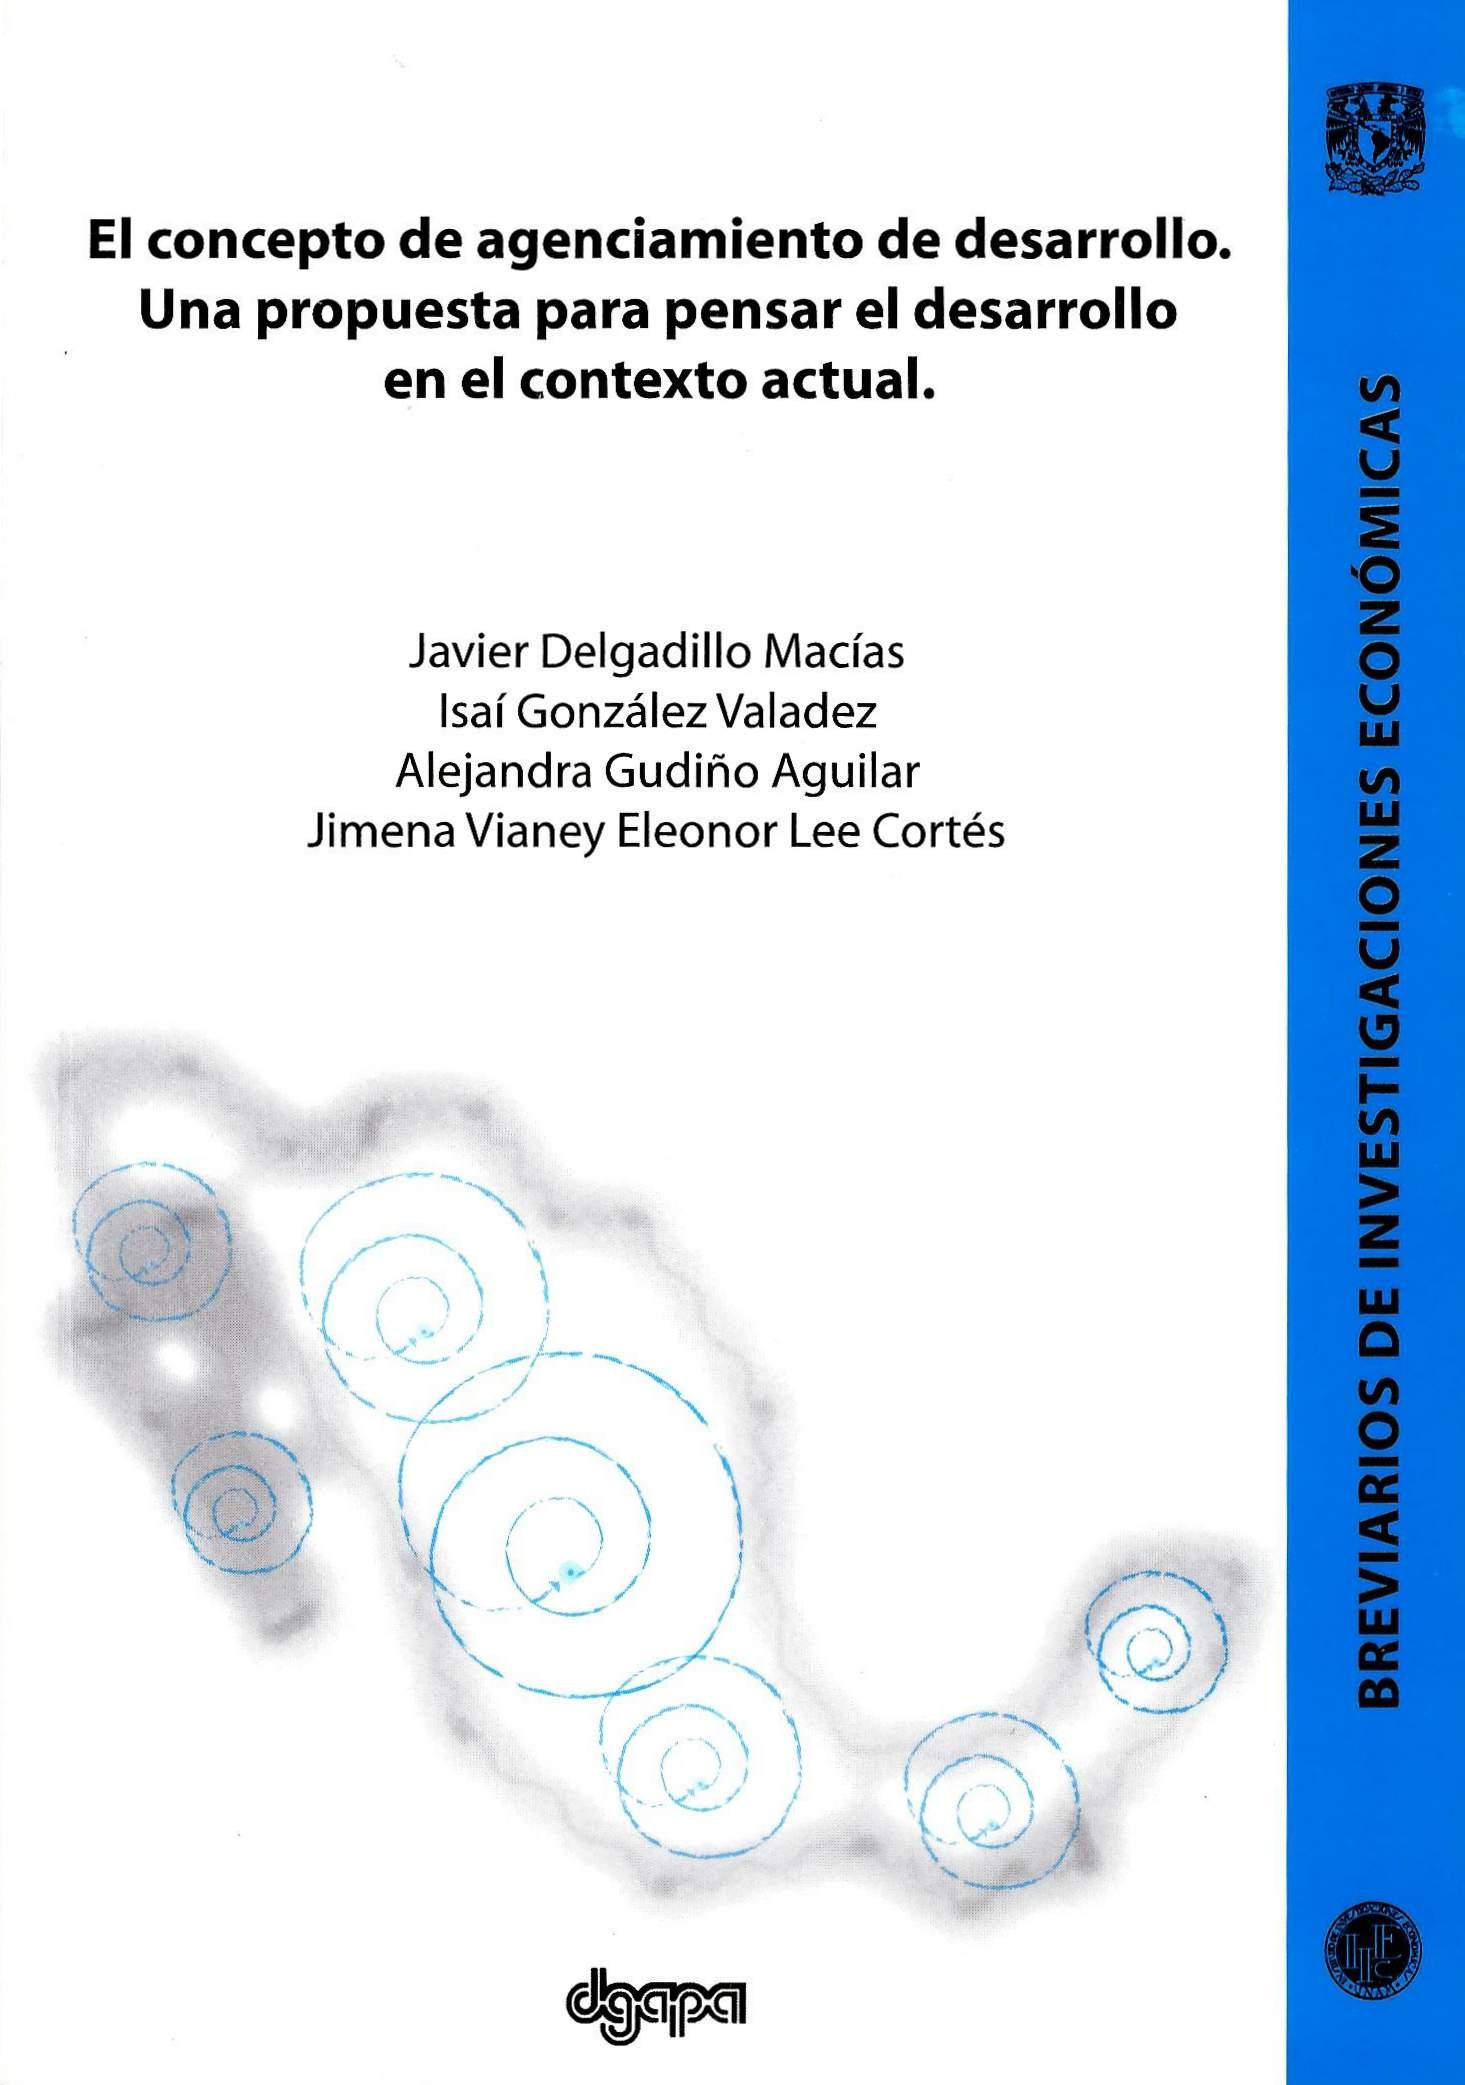 El concepto de agenciamiento de desarrollo: una propuesta para pensar el desarrollo en el contexto actual